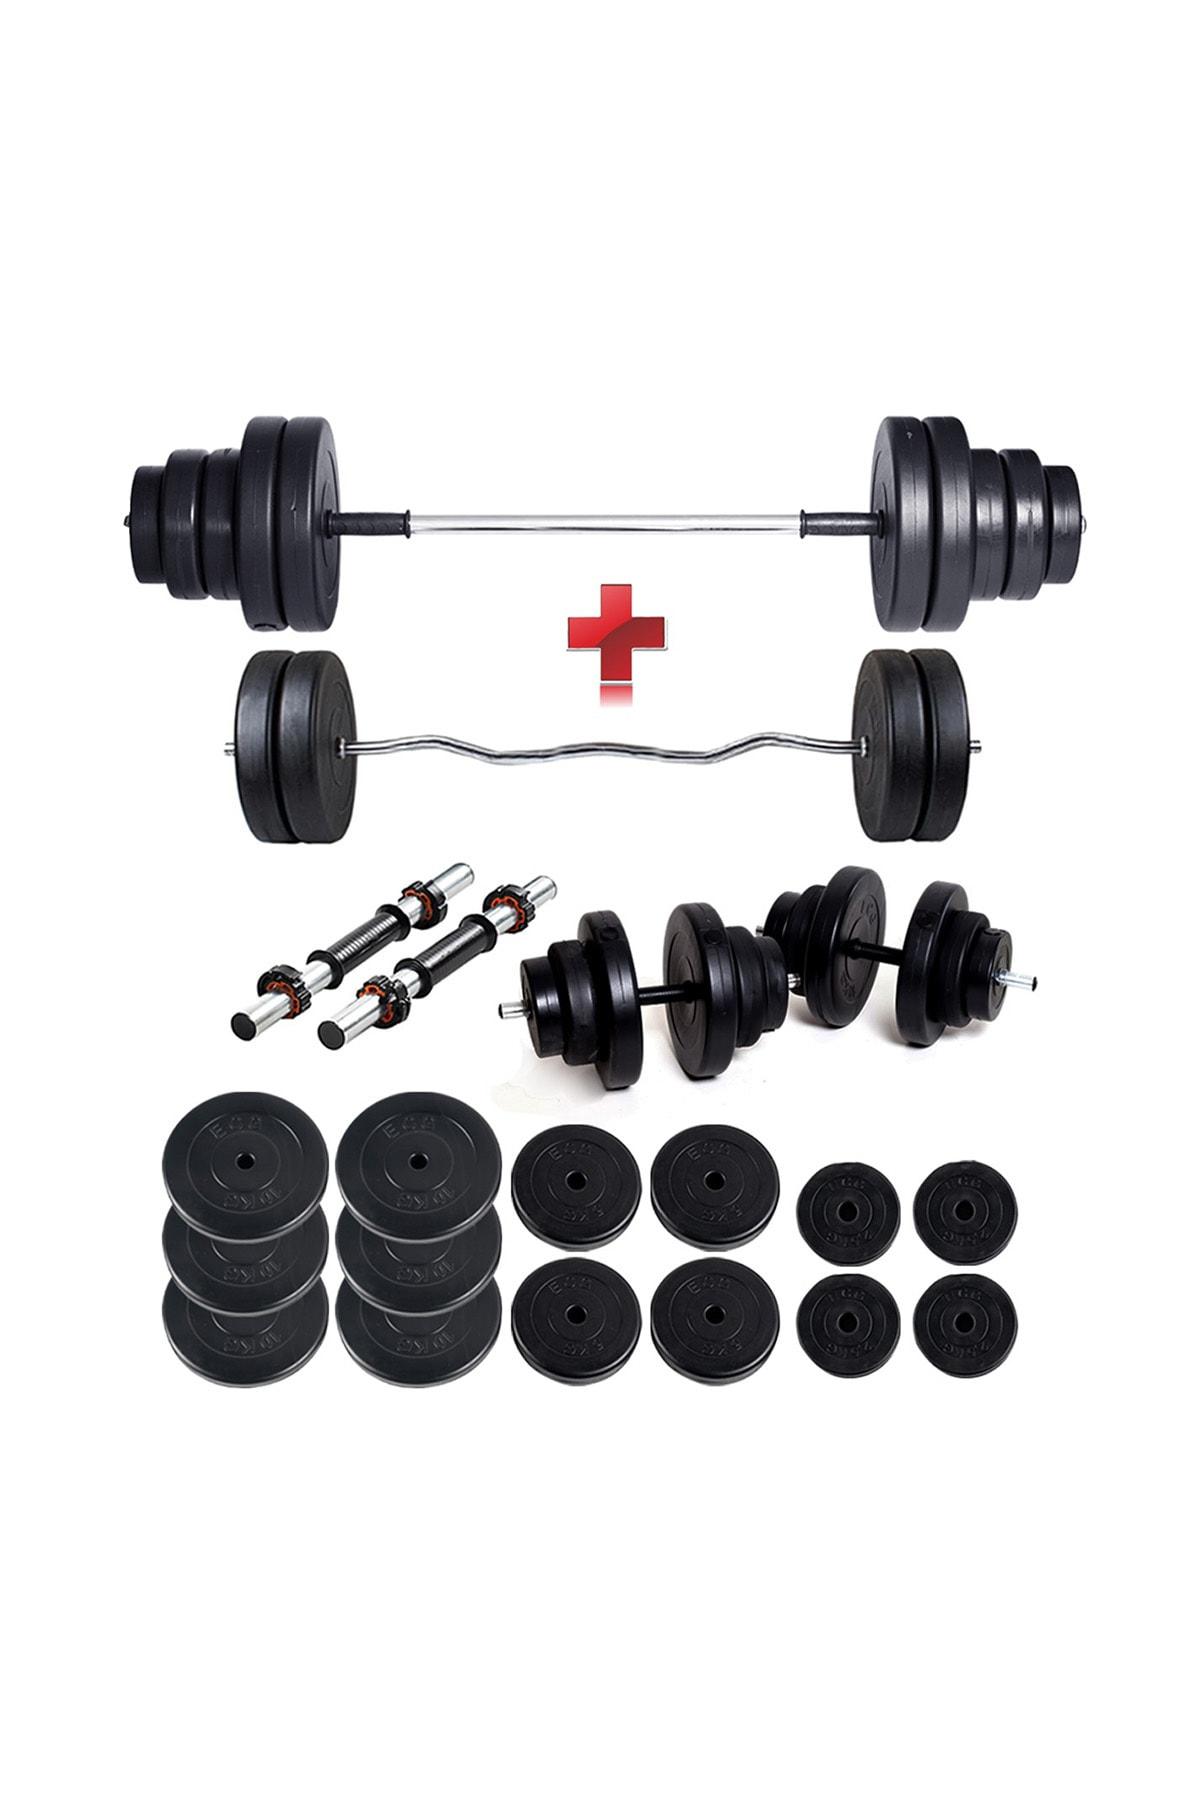 ECG spor 98 Kg Z BAR Halter Seti & Dambıl Seti Ağırlık Fitness Seti 0